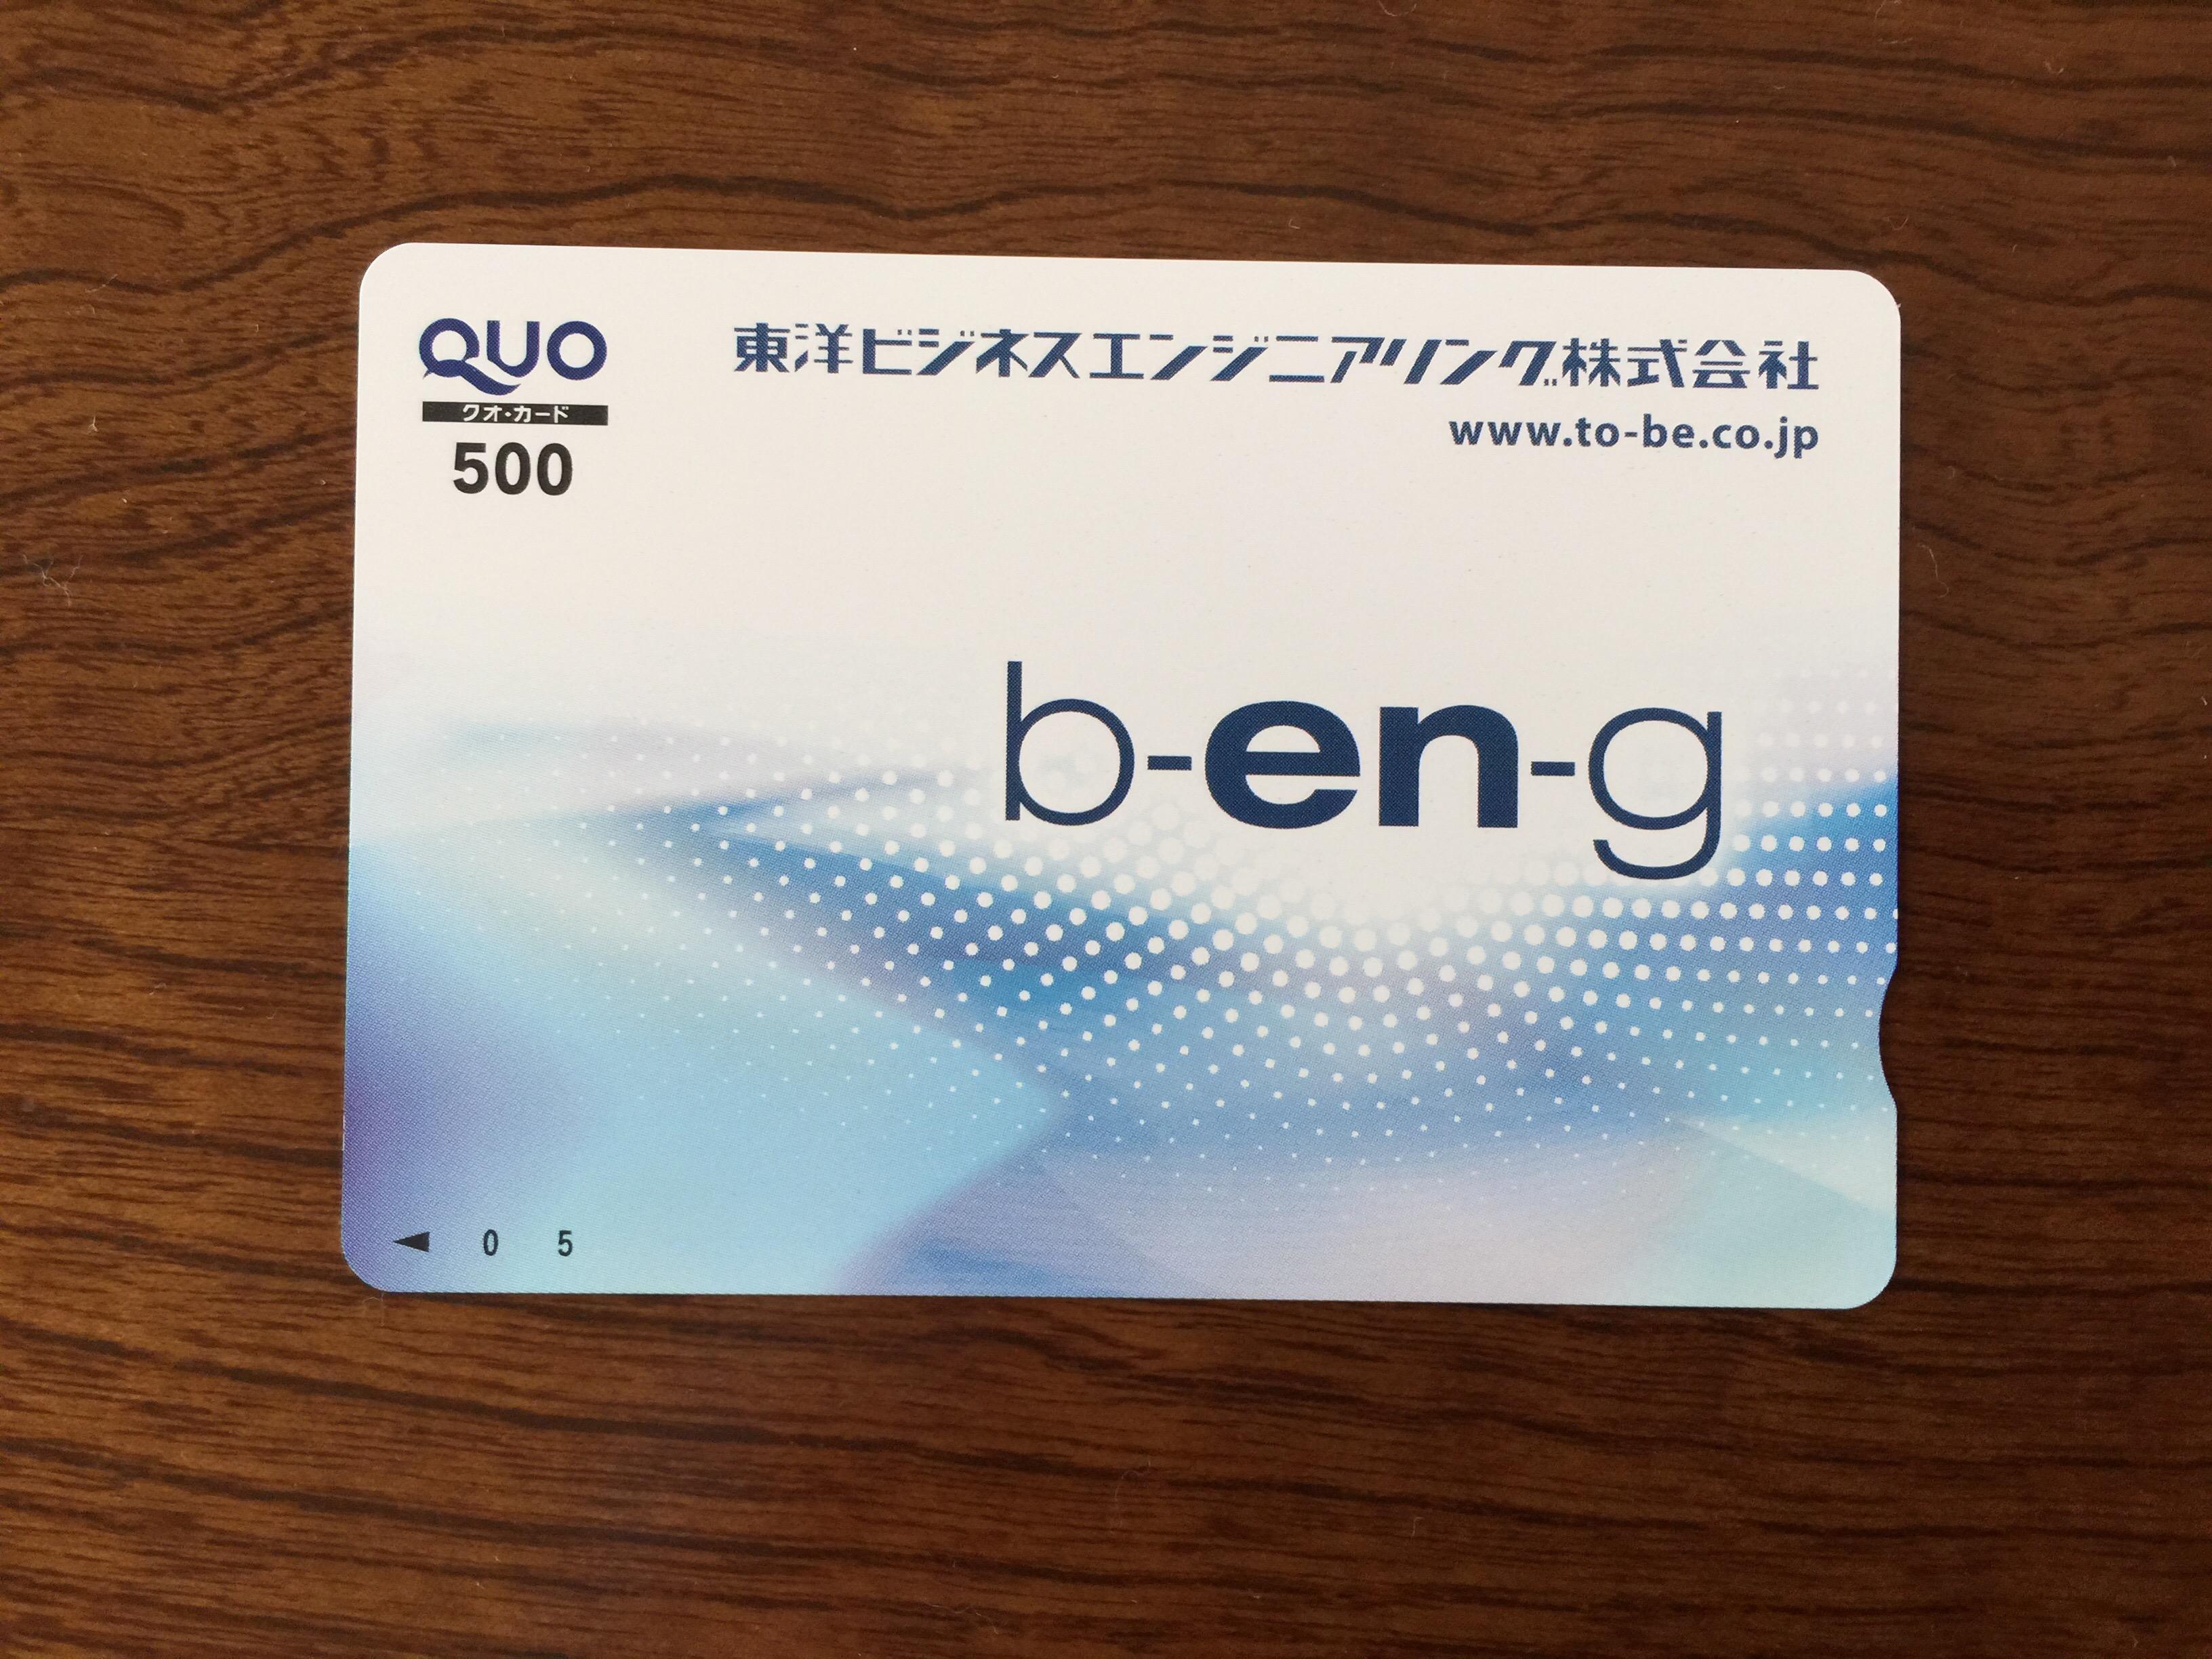 年4回の株主優待 東洋ビジネスエンジニアリングからクオカード500円